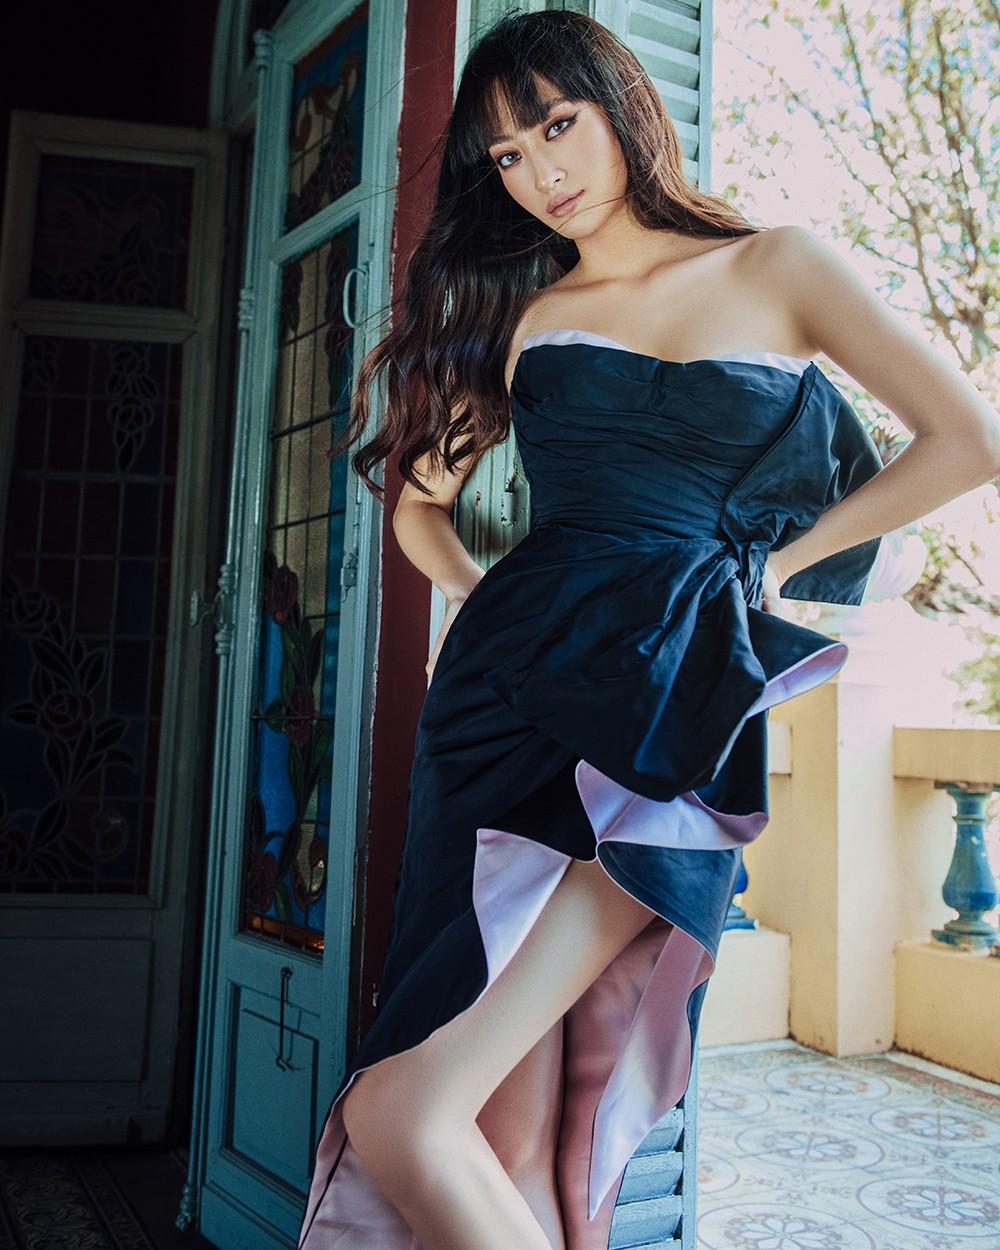 Body nuột nà và đôi chân 'cực phẩm' 1m22 của Miss World Vietnam Lương Thùy Linh ảnh 4